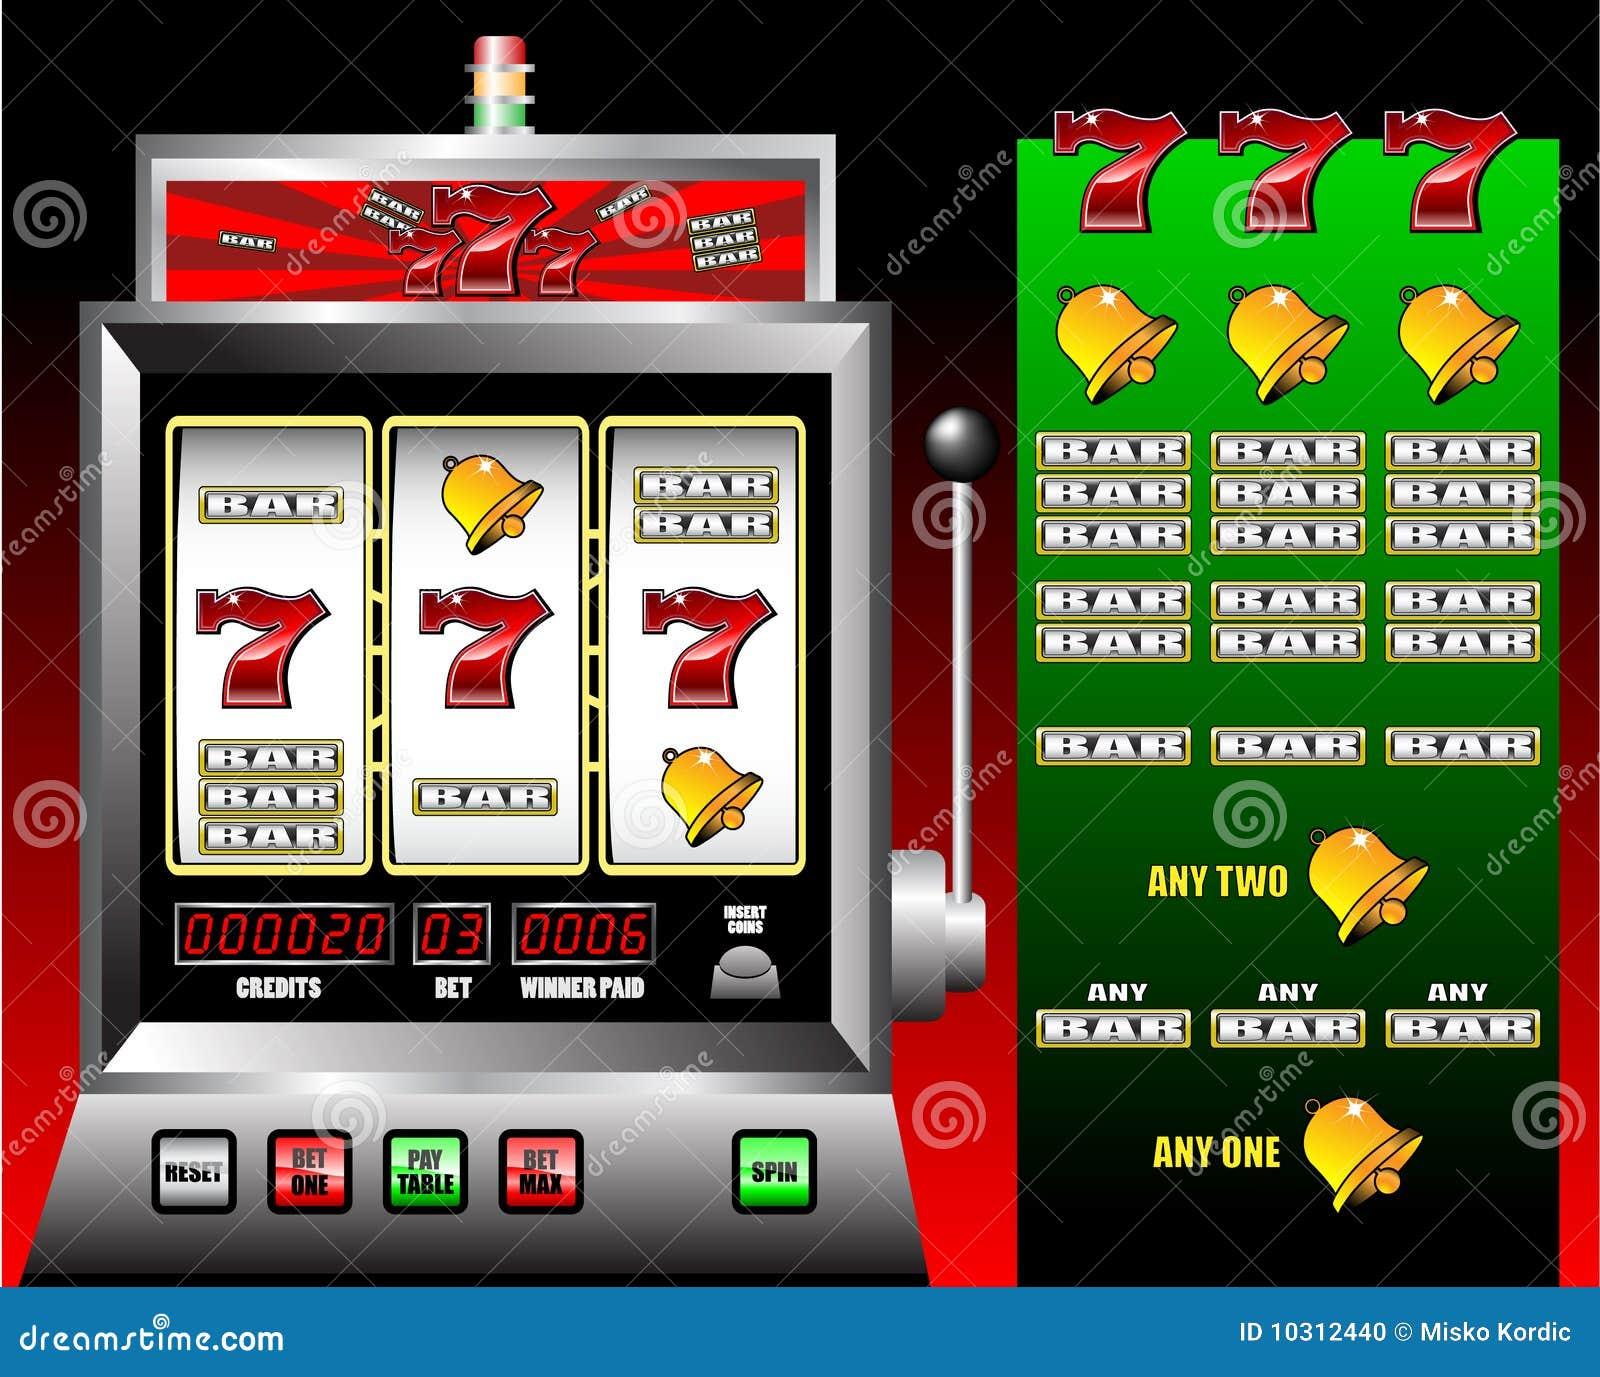 777 slot gokautomaat speel geld